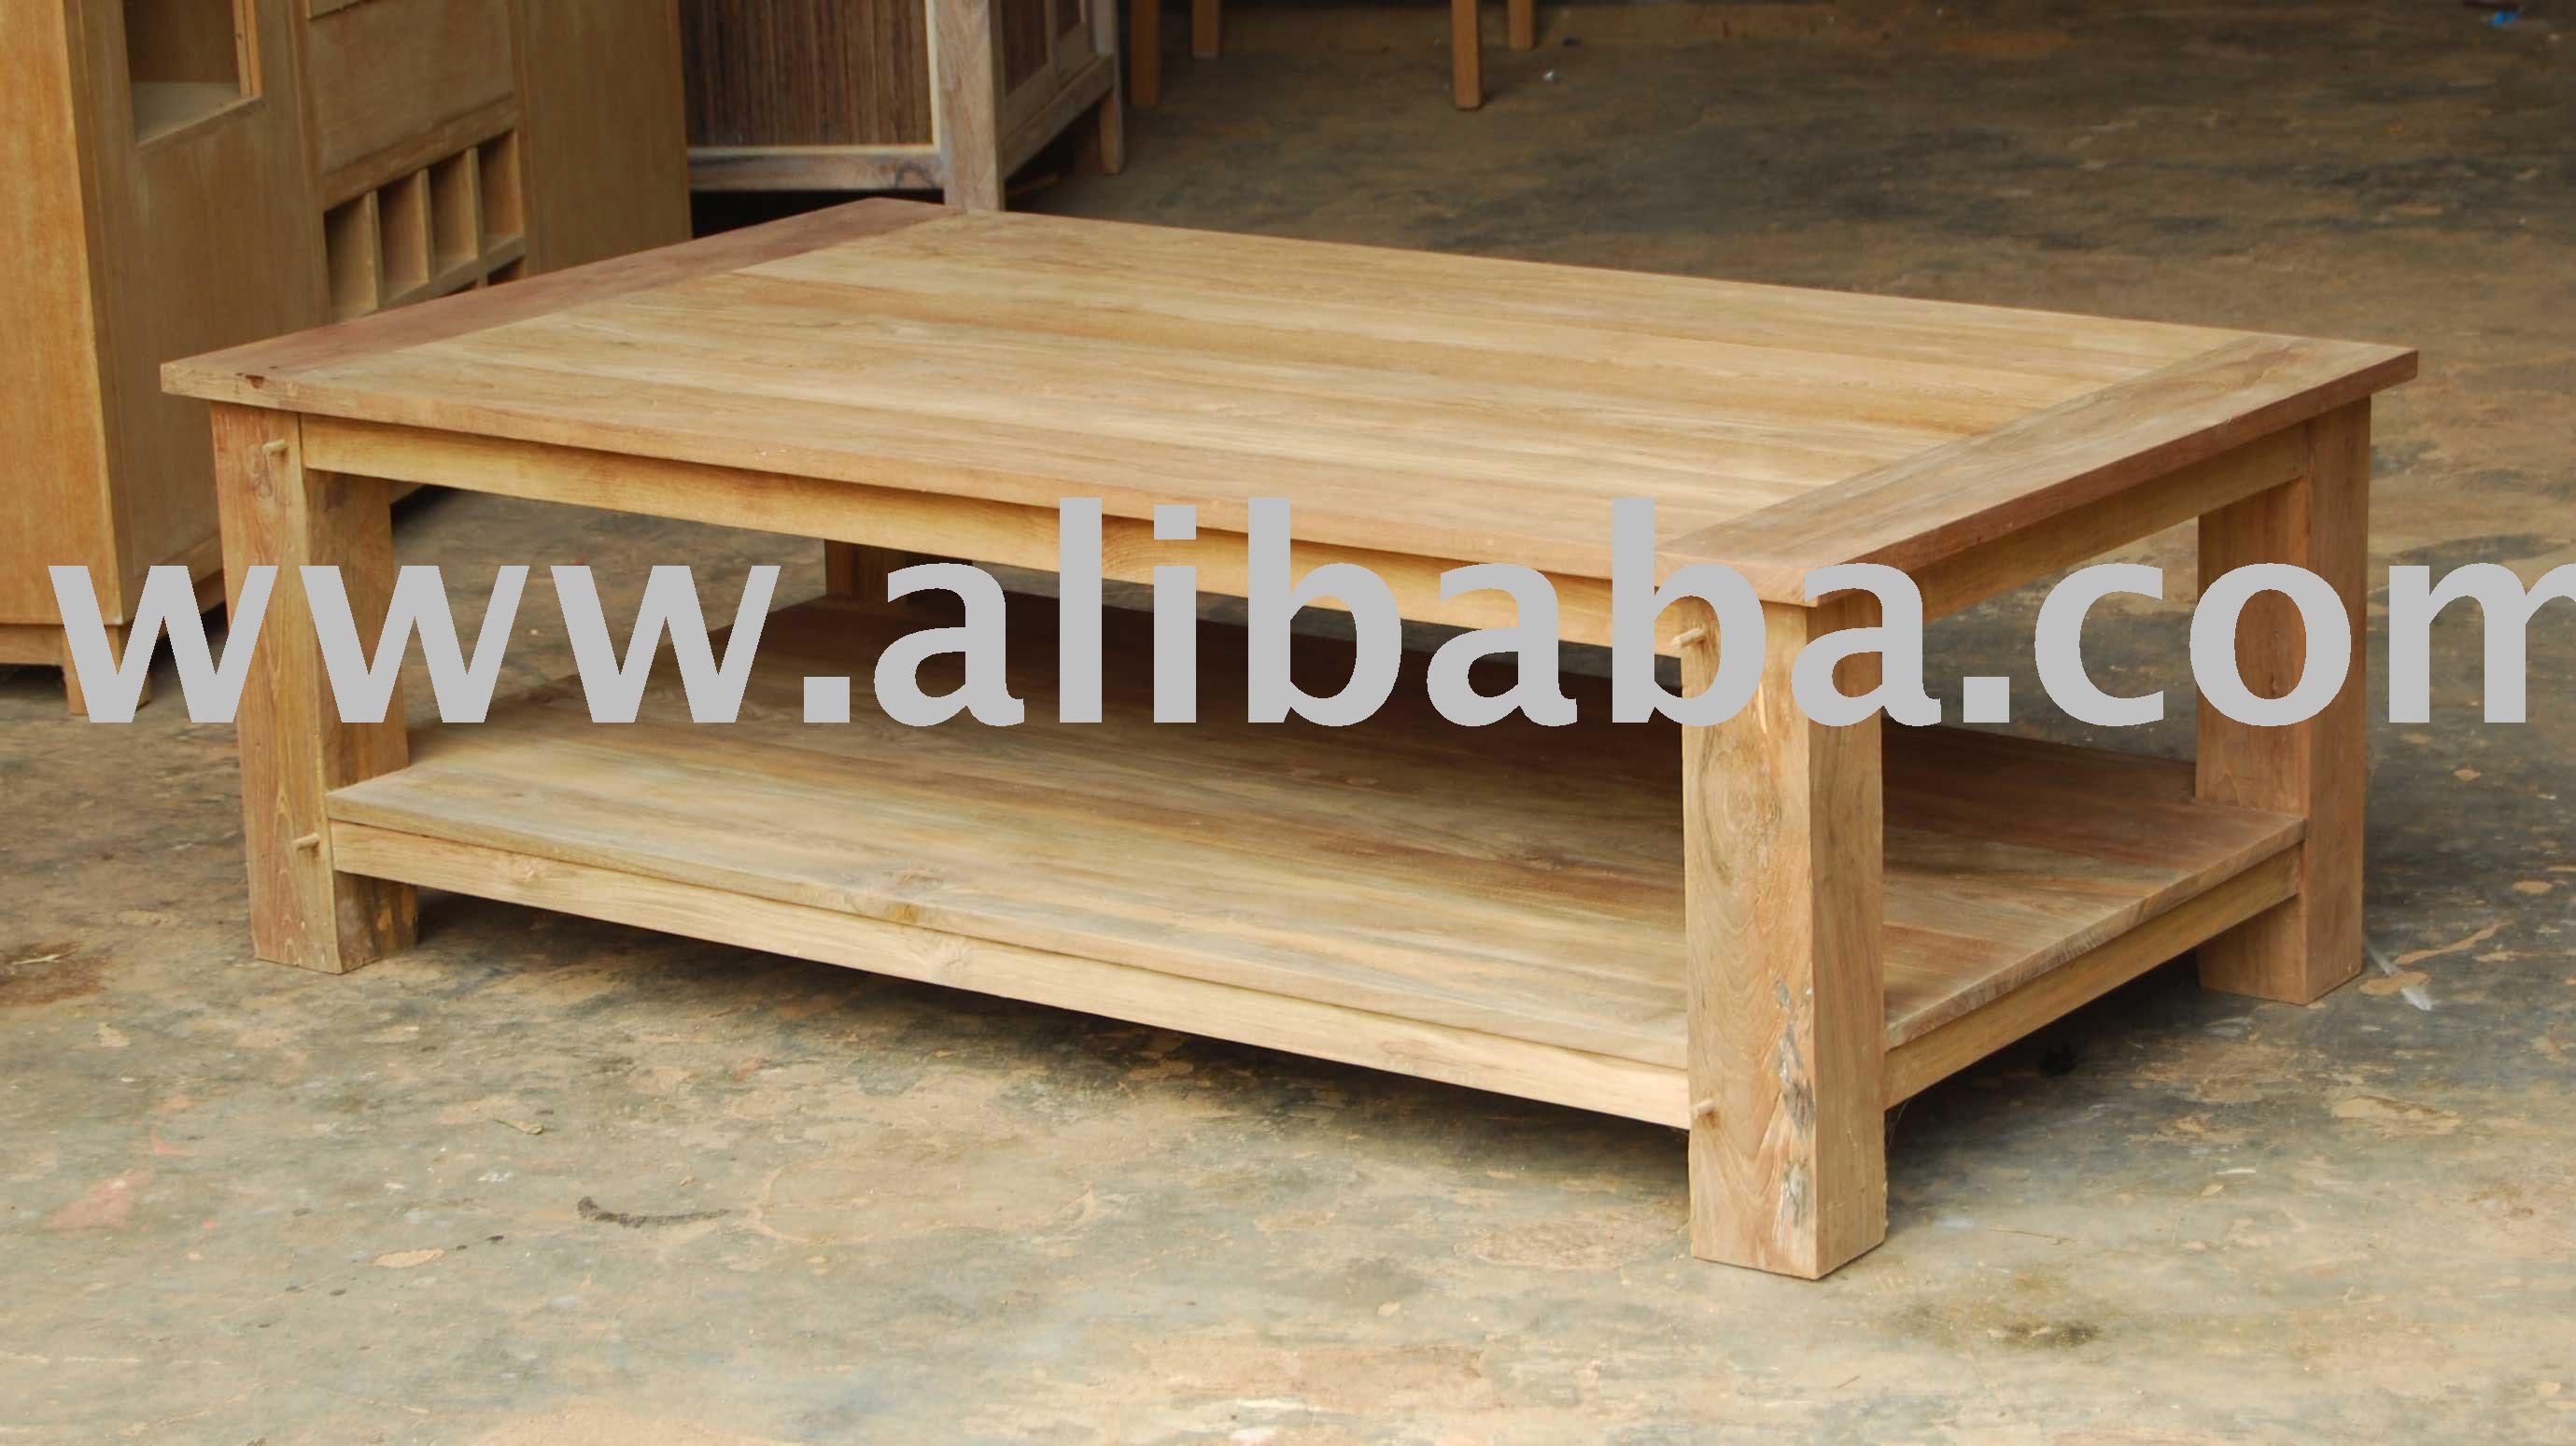 ikea tavolini ferro battuto | madgeweb.com idee di interior design - Soggiorno Ikea Usato